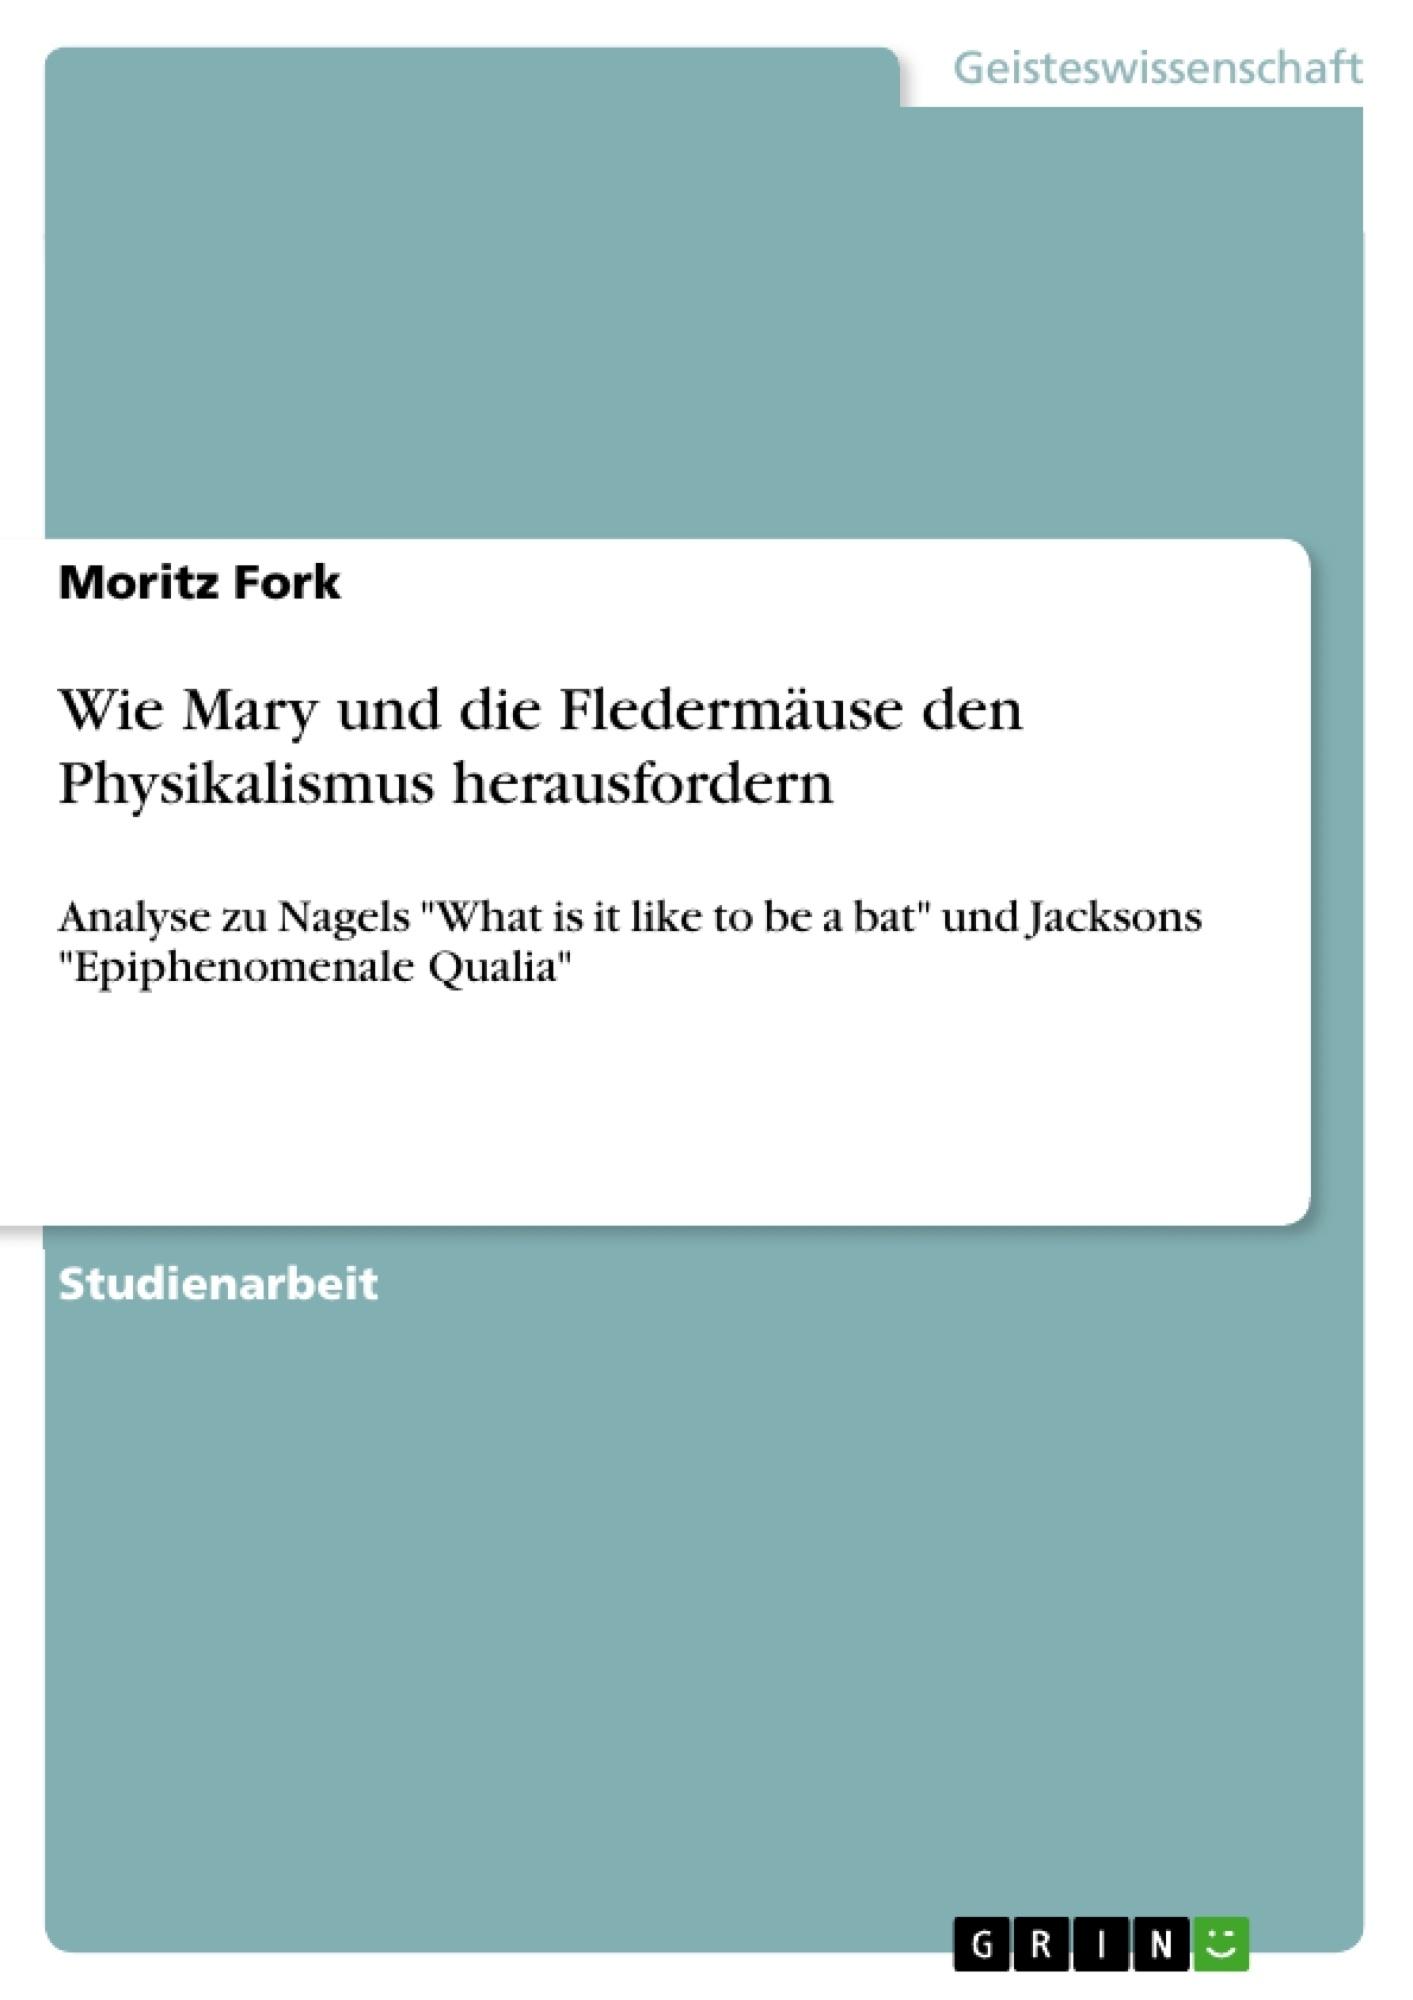 Titel: Wie Mary und die Fledermäuse den Physikalismus herausfordern